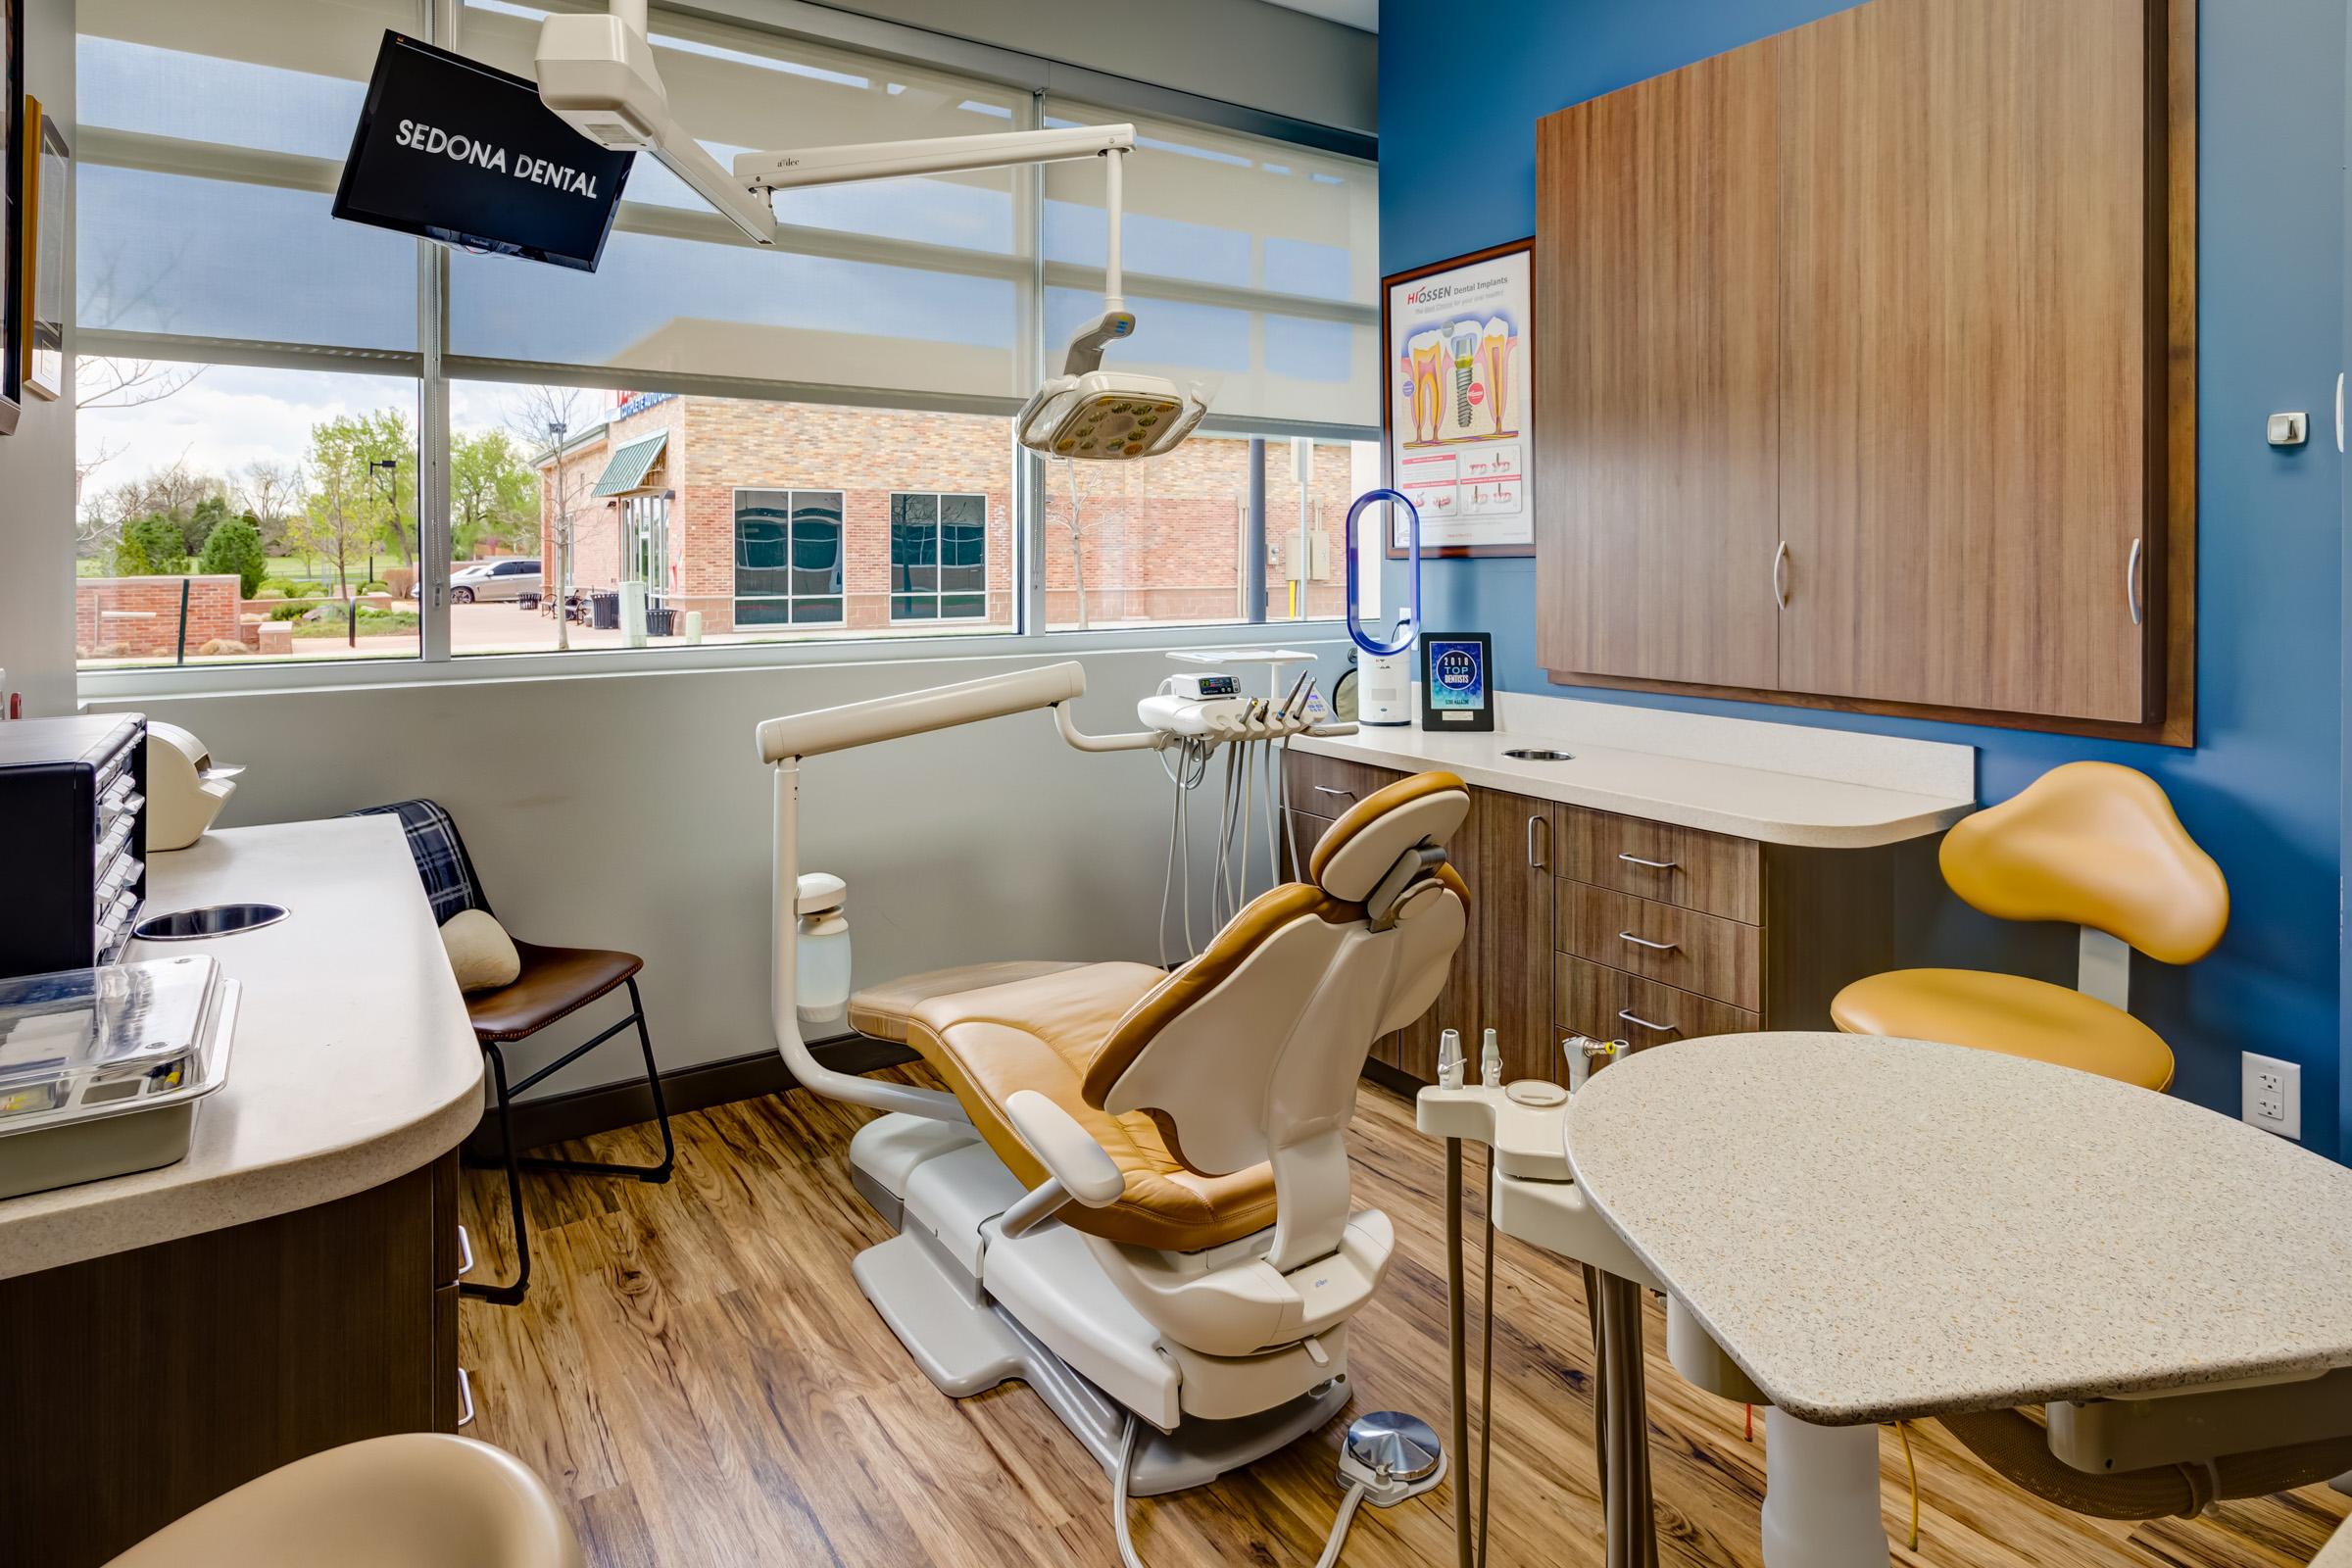 Sedona-Dental-Westmister-0002-WEB.jpg